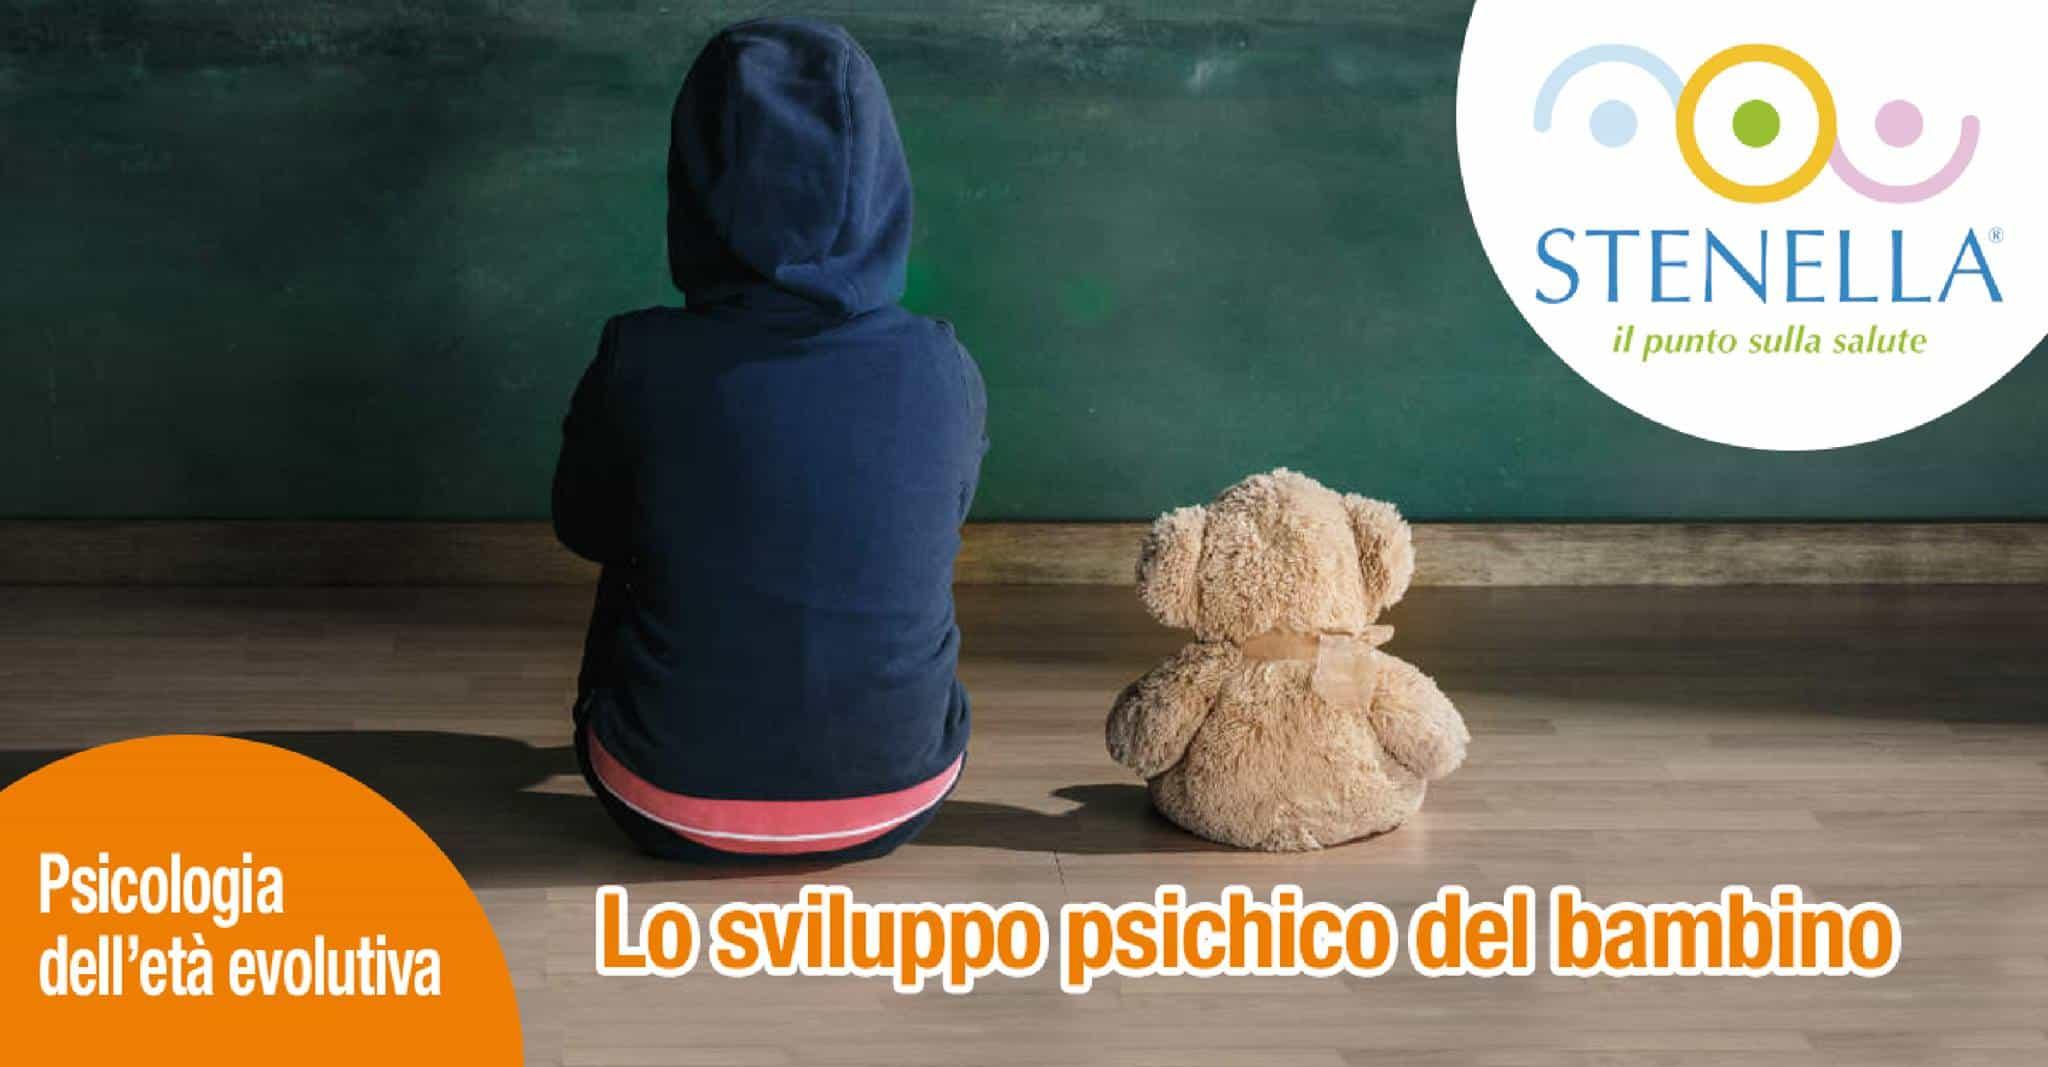 lo sviluppo psichico del bambino